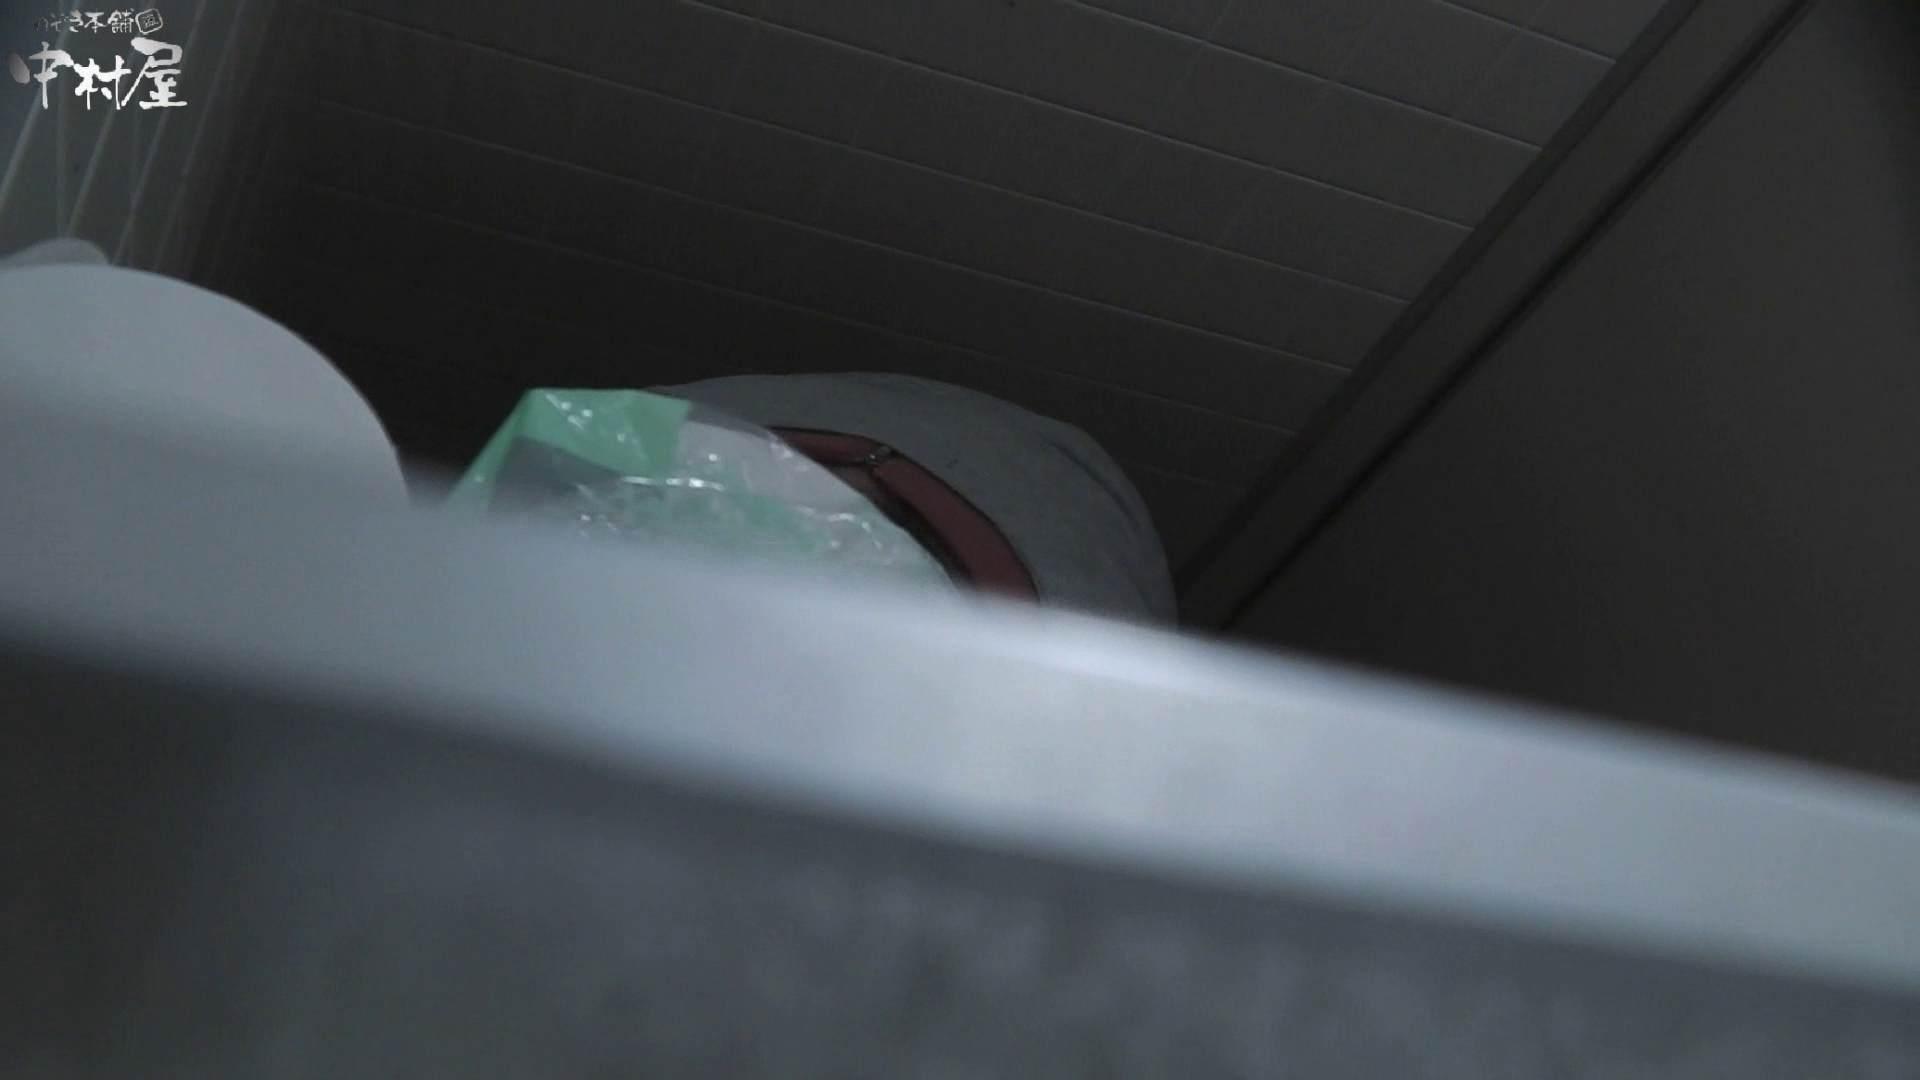 vol.07 命がけ潜伏洗面所! パンツの跡(ひも付き) プライベート エロ画像 76PIX 50